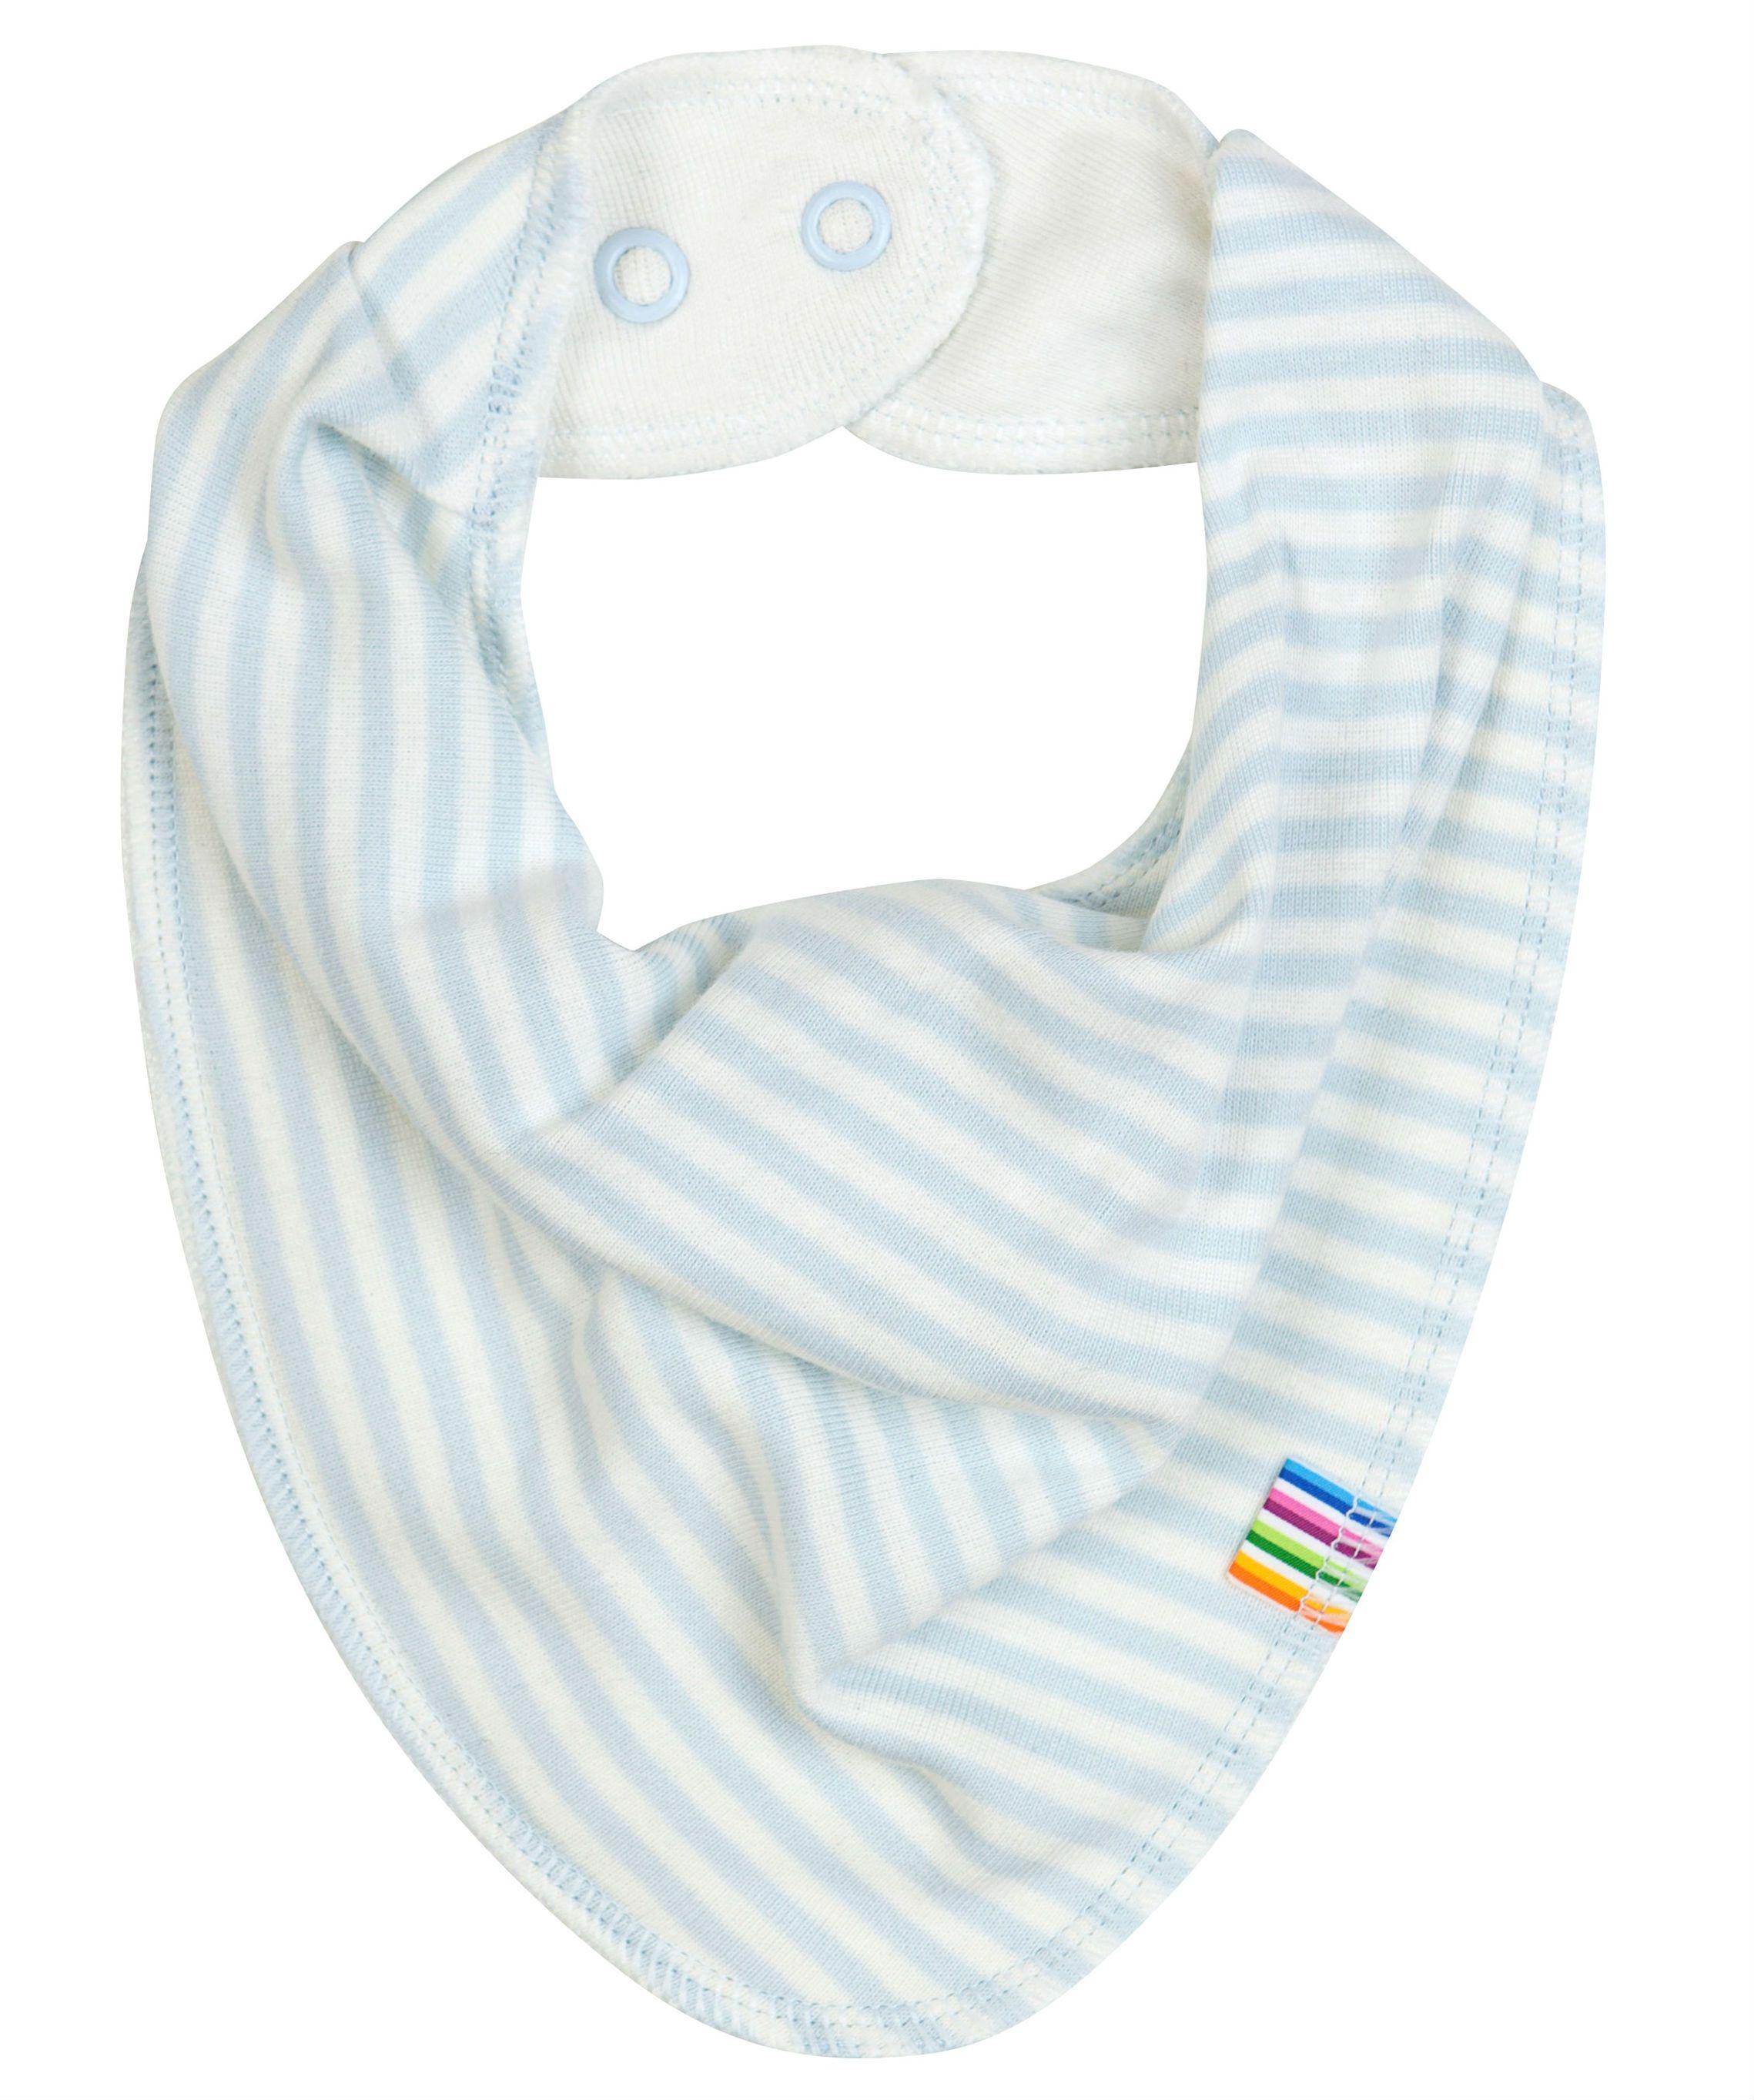 Image of   Savlesmæk fra Joha - Økologisk bomuld og uld - Blue Stripes